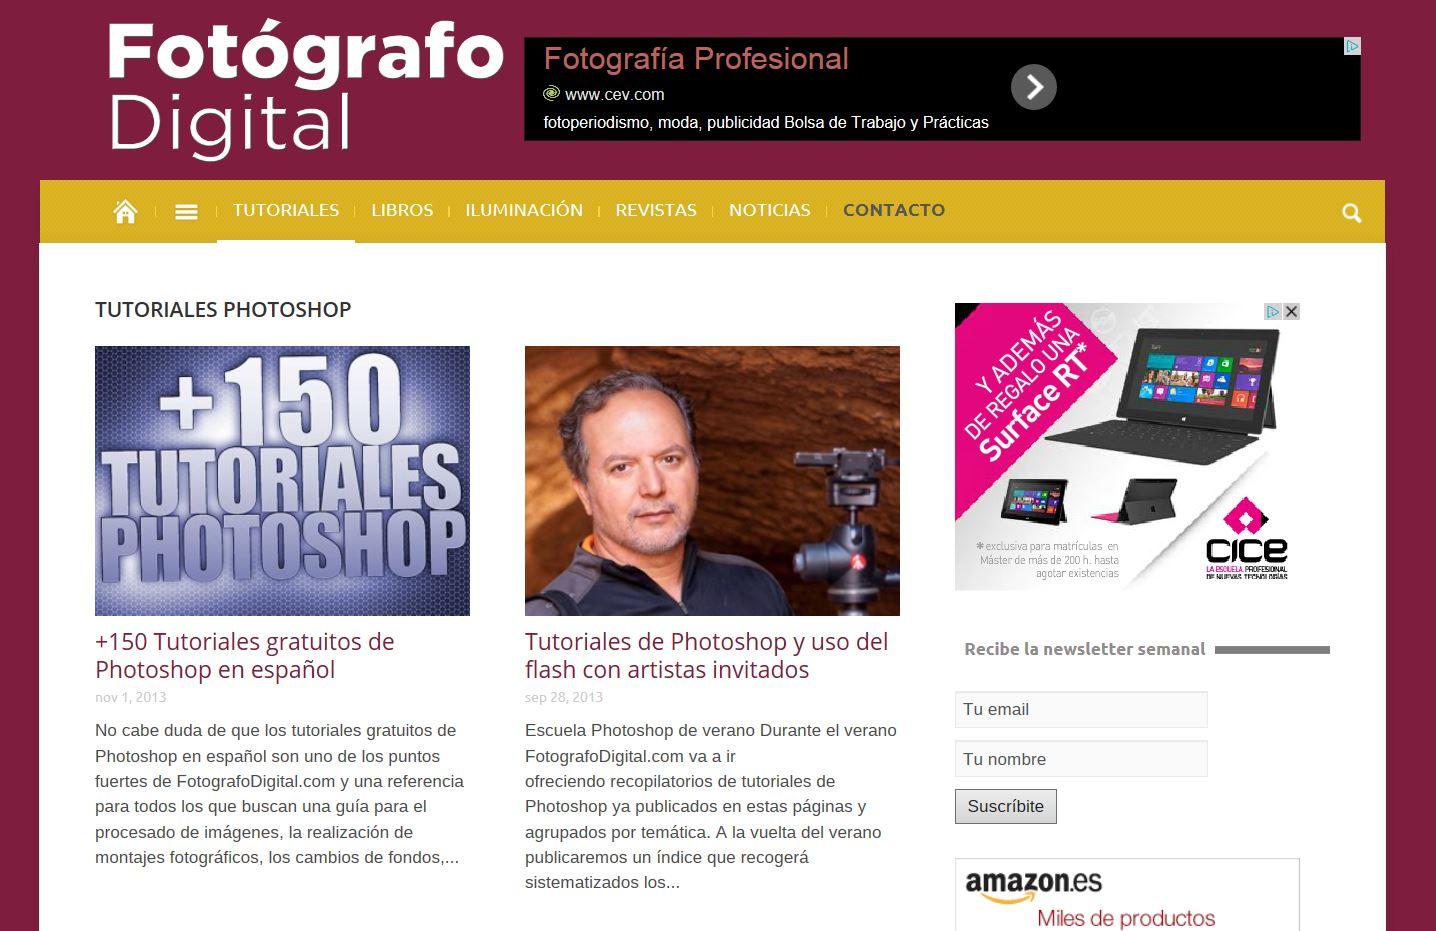 FotografoDigital.com nuevo diseño y +150 Tutoriales de Photoshop